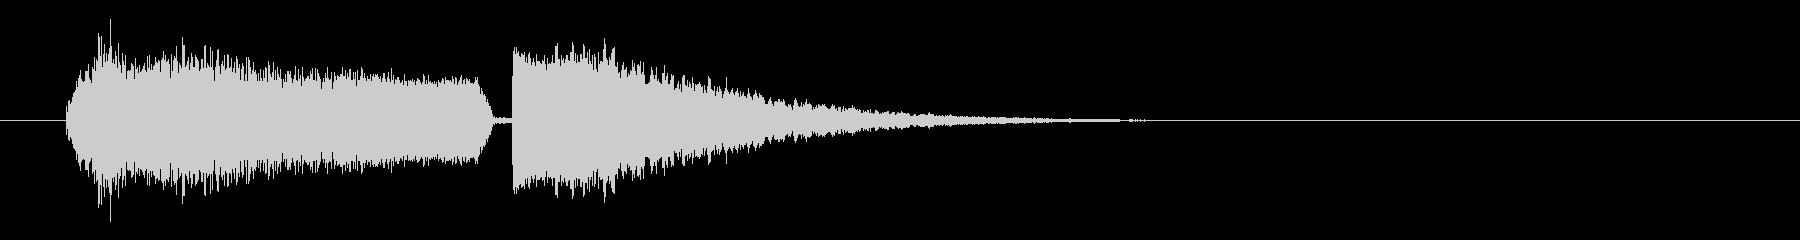 シュワーキーン インパクト音 ロゴの未再生の波形